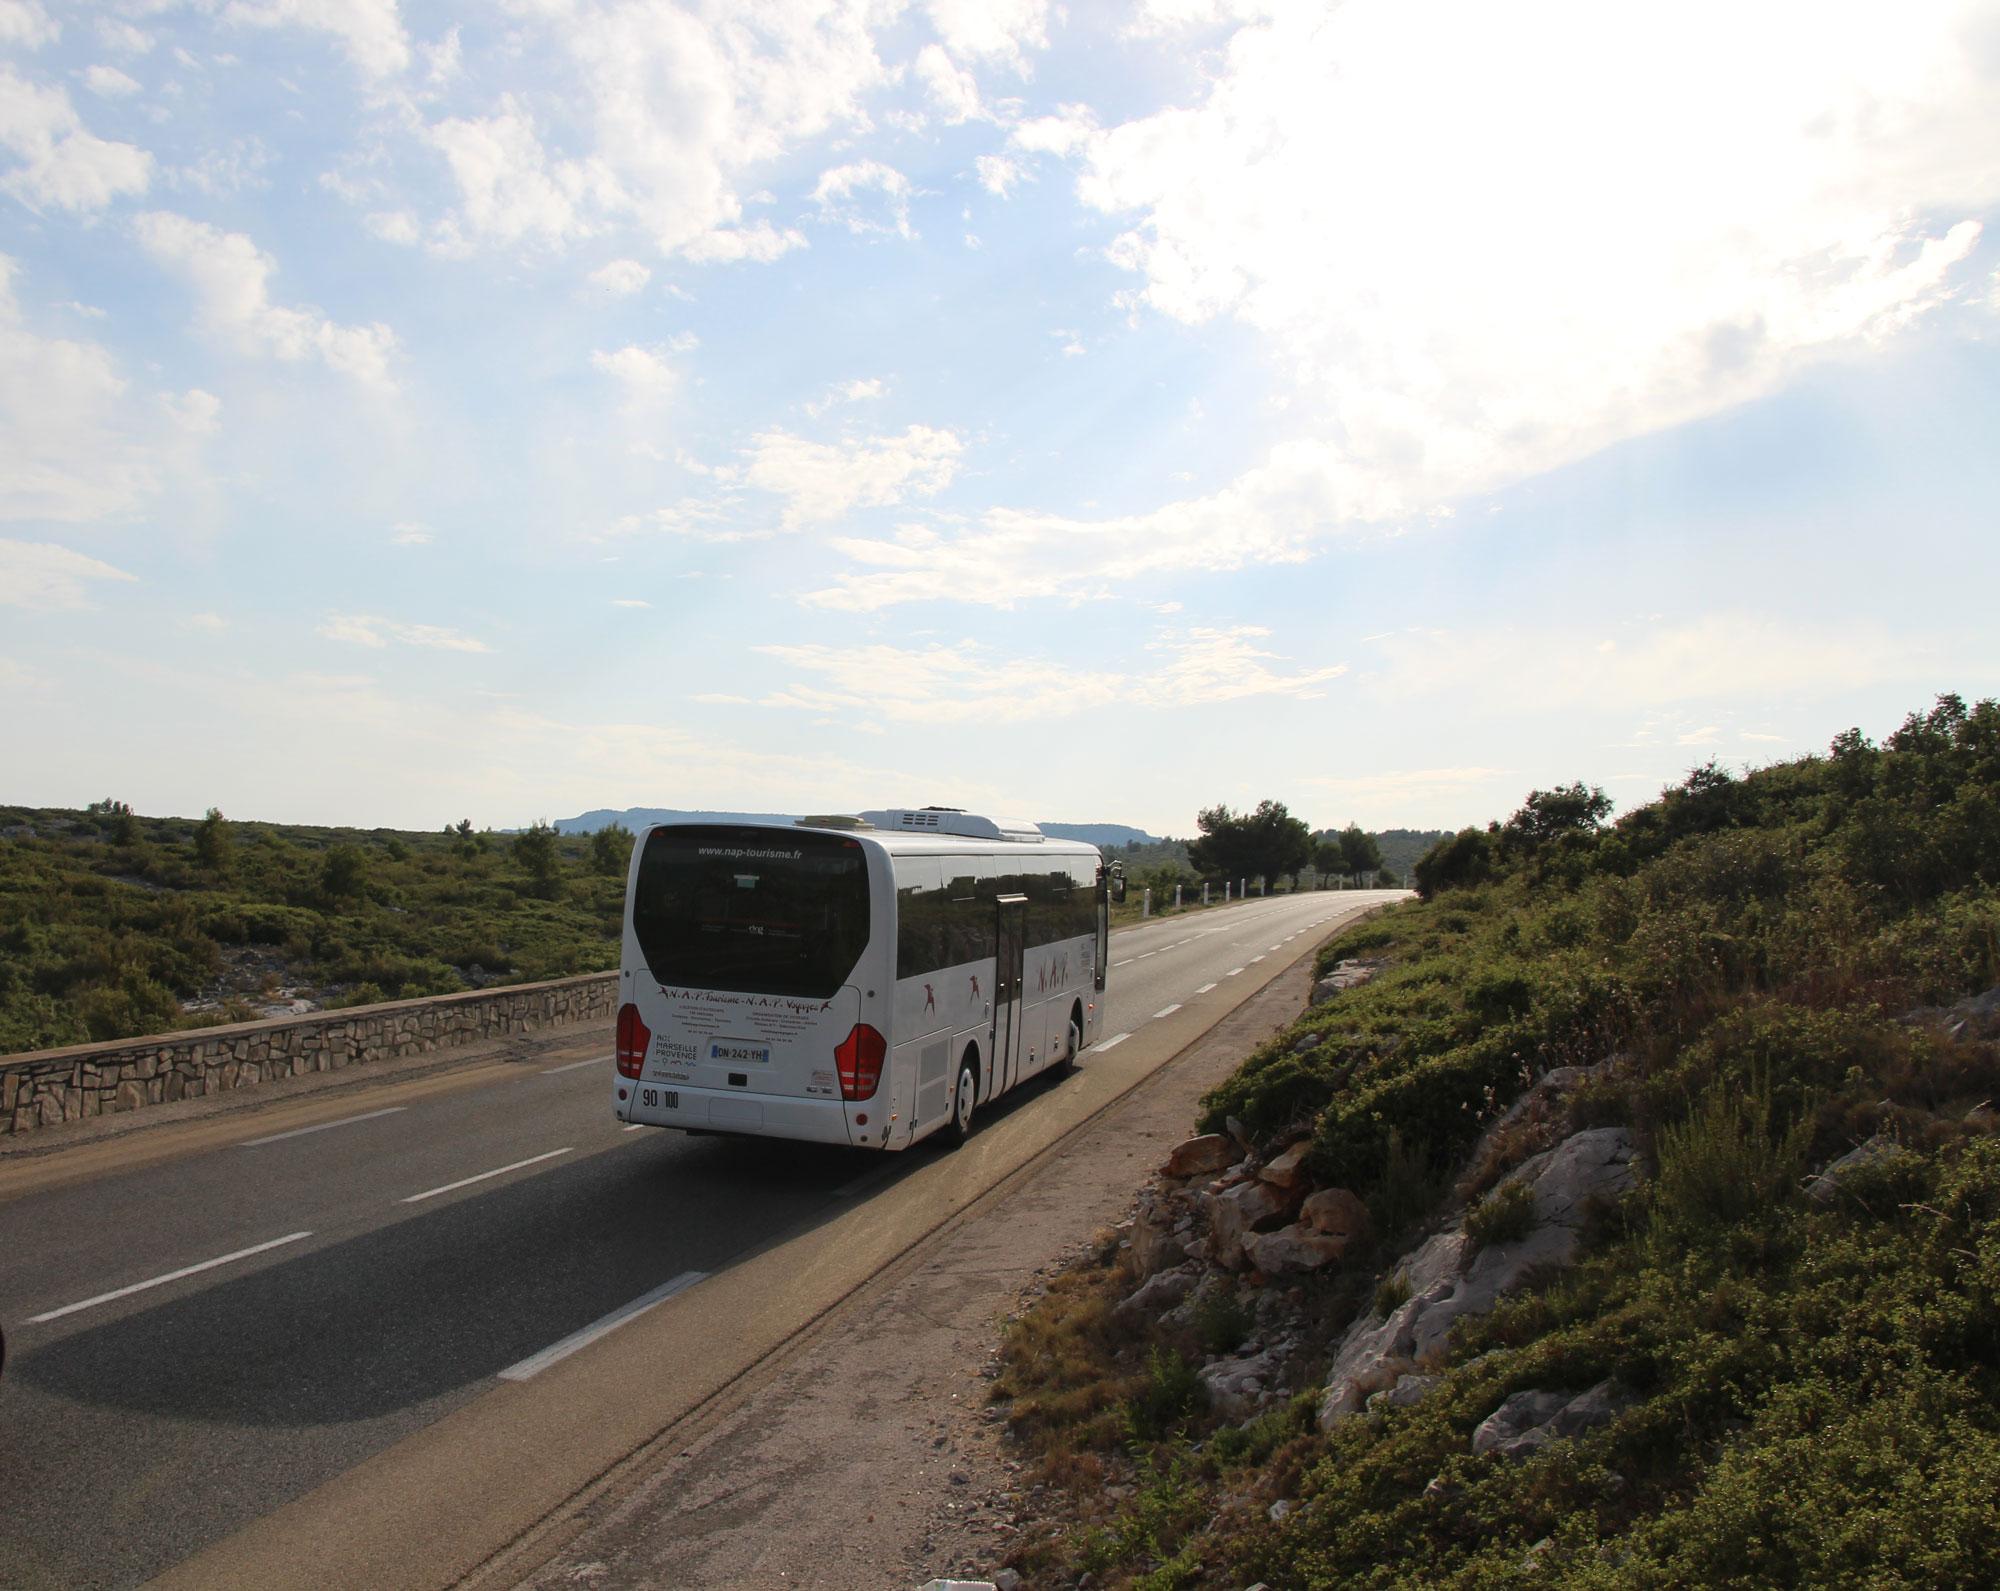 Transports scolaires Bouches-du-Rhônes